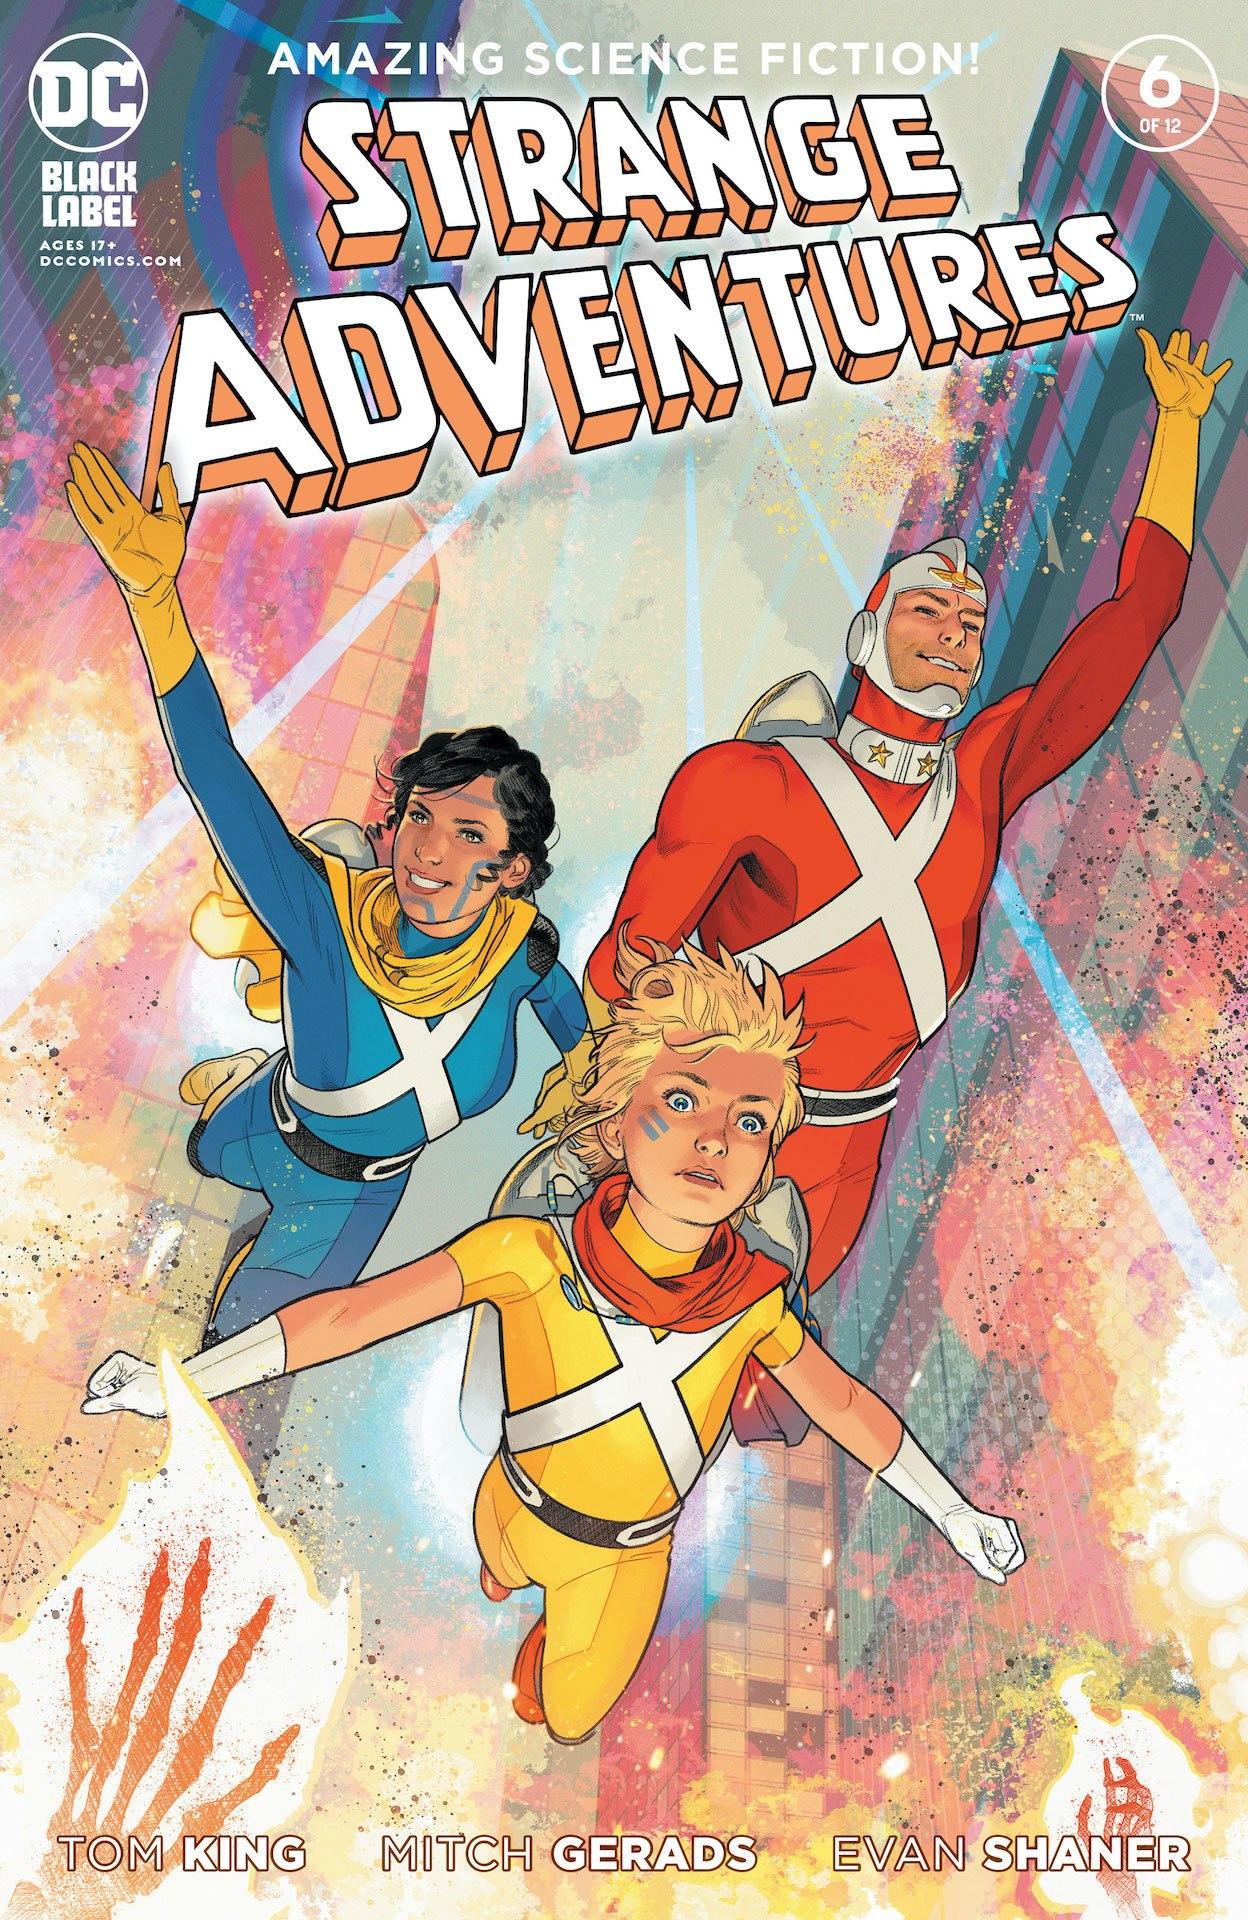 Strange Adventures #6 cover